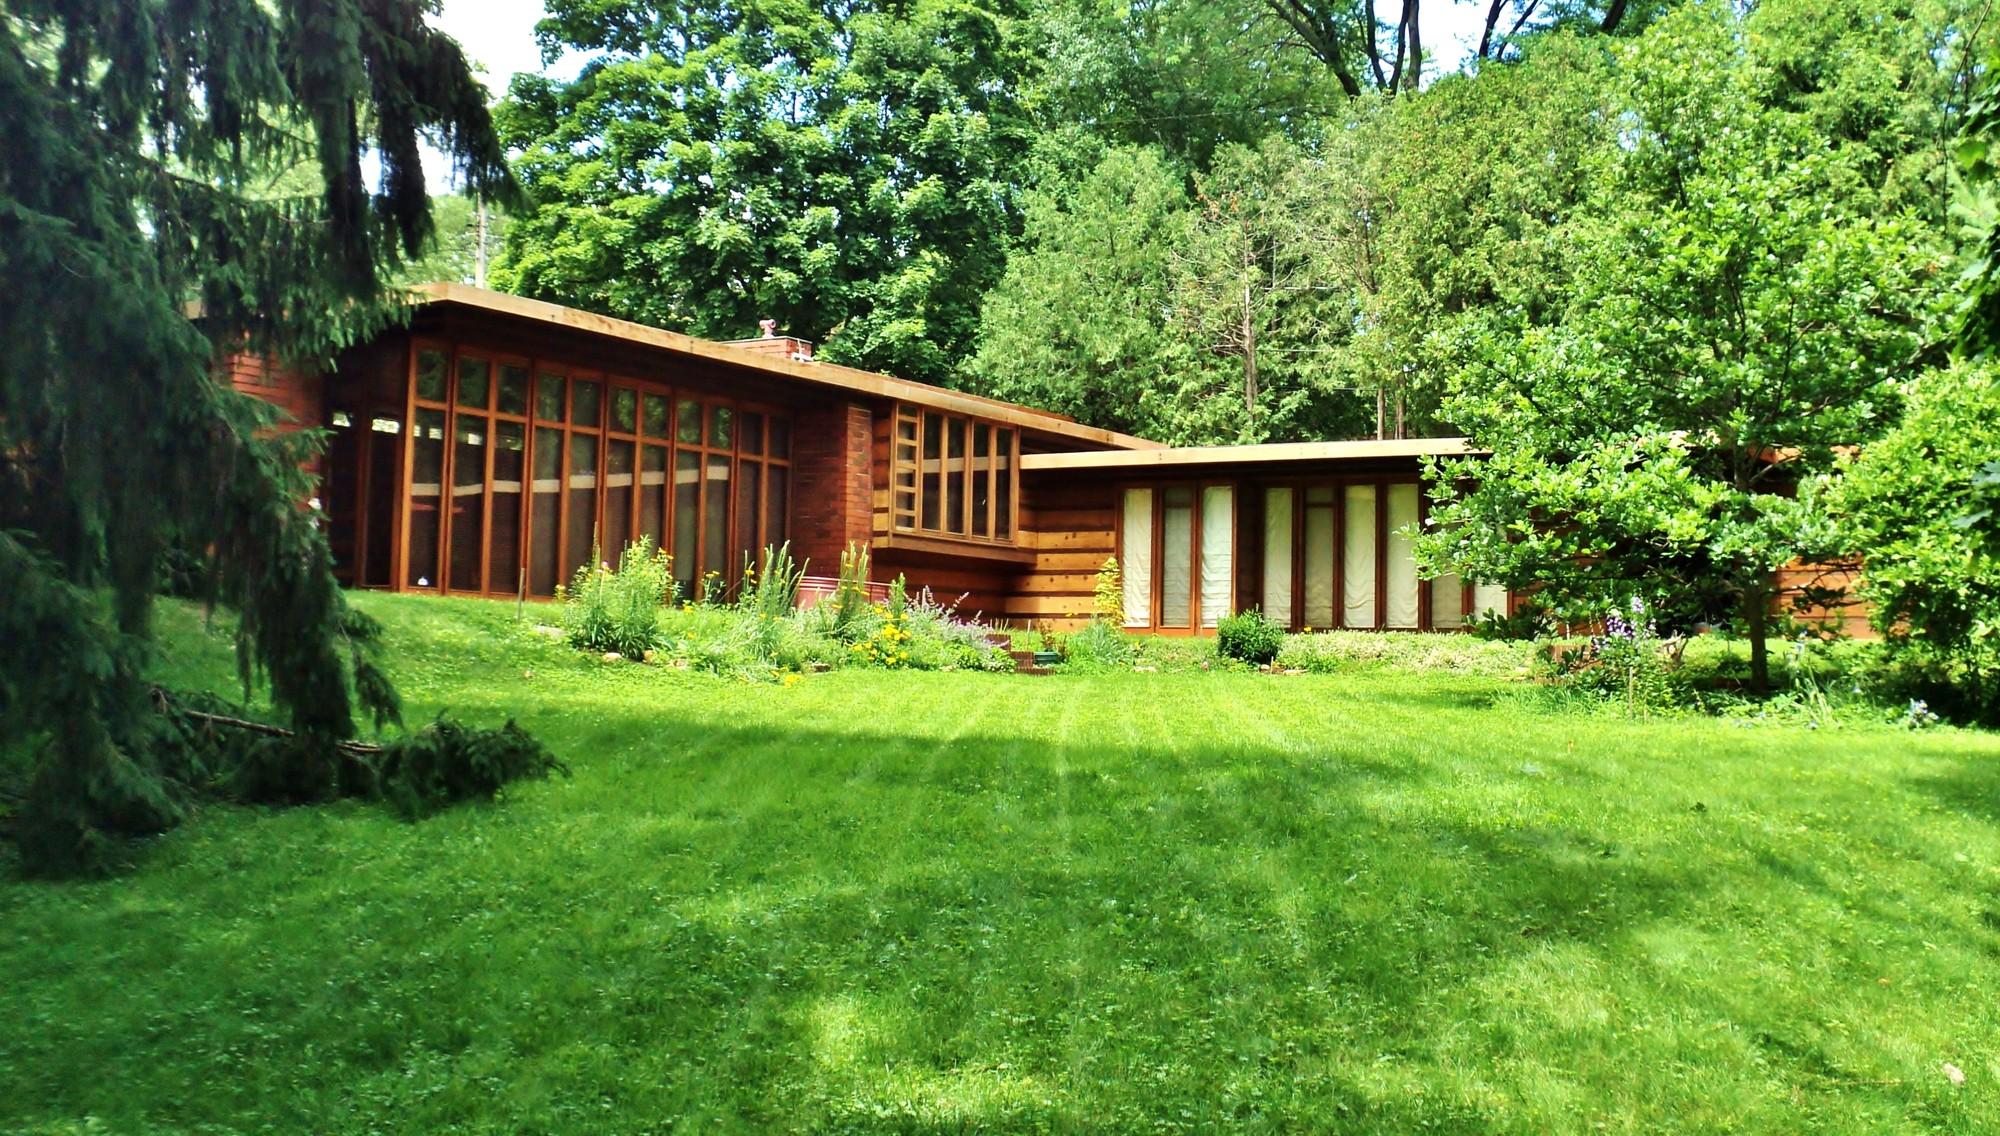 Frank Lloyd Wright 6